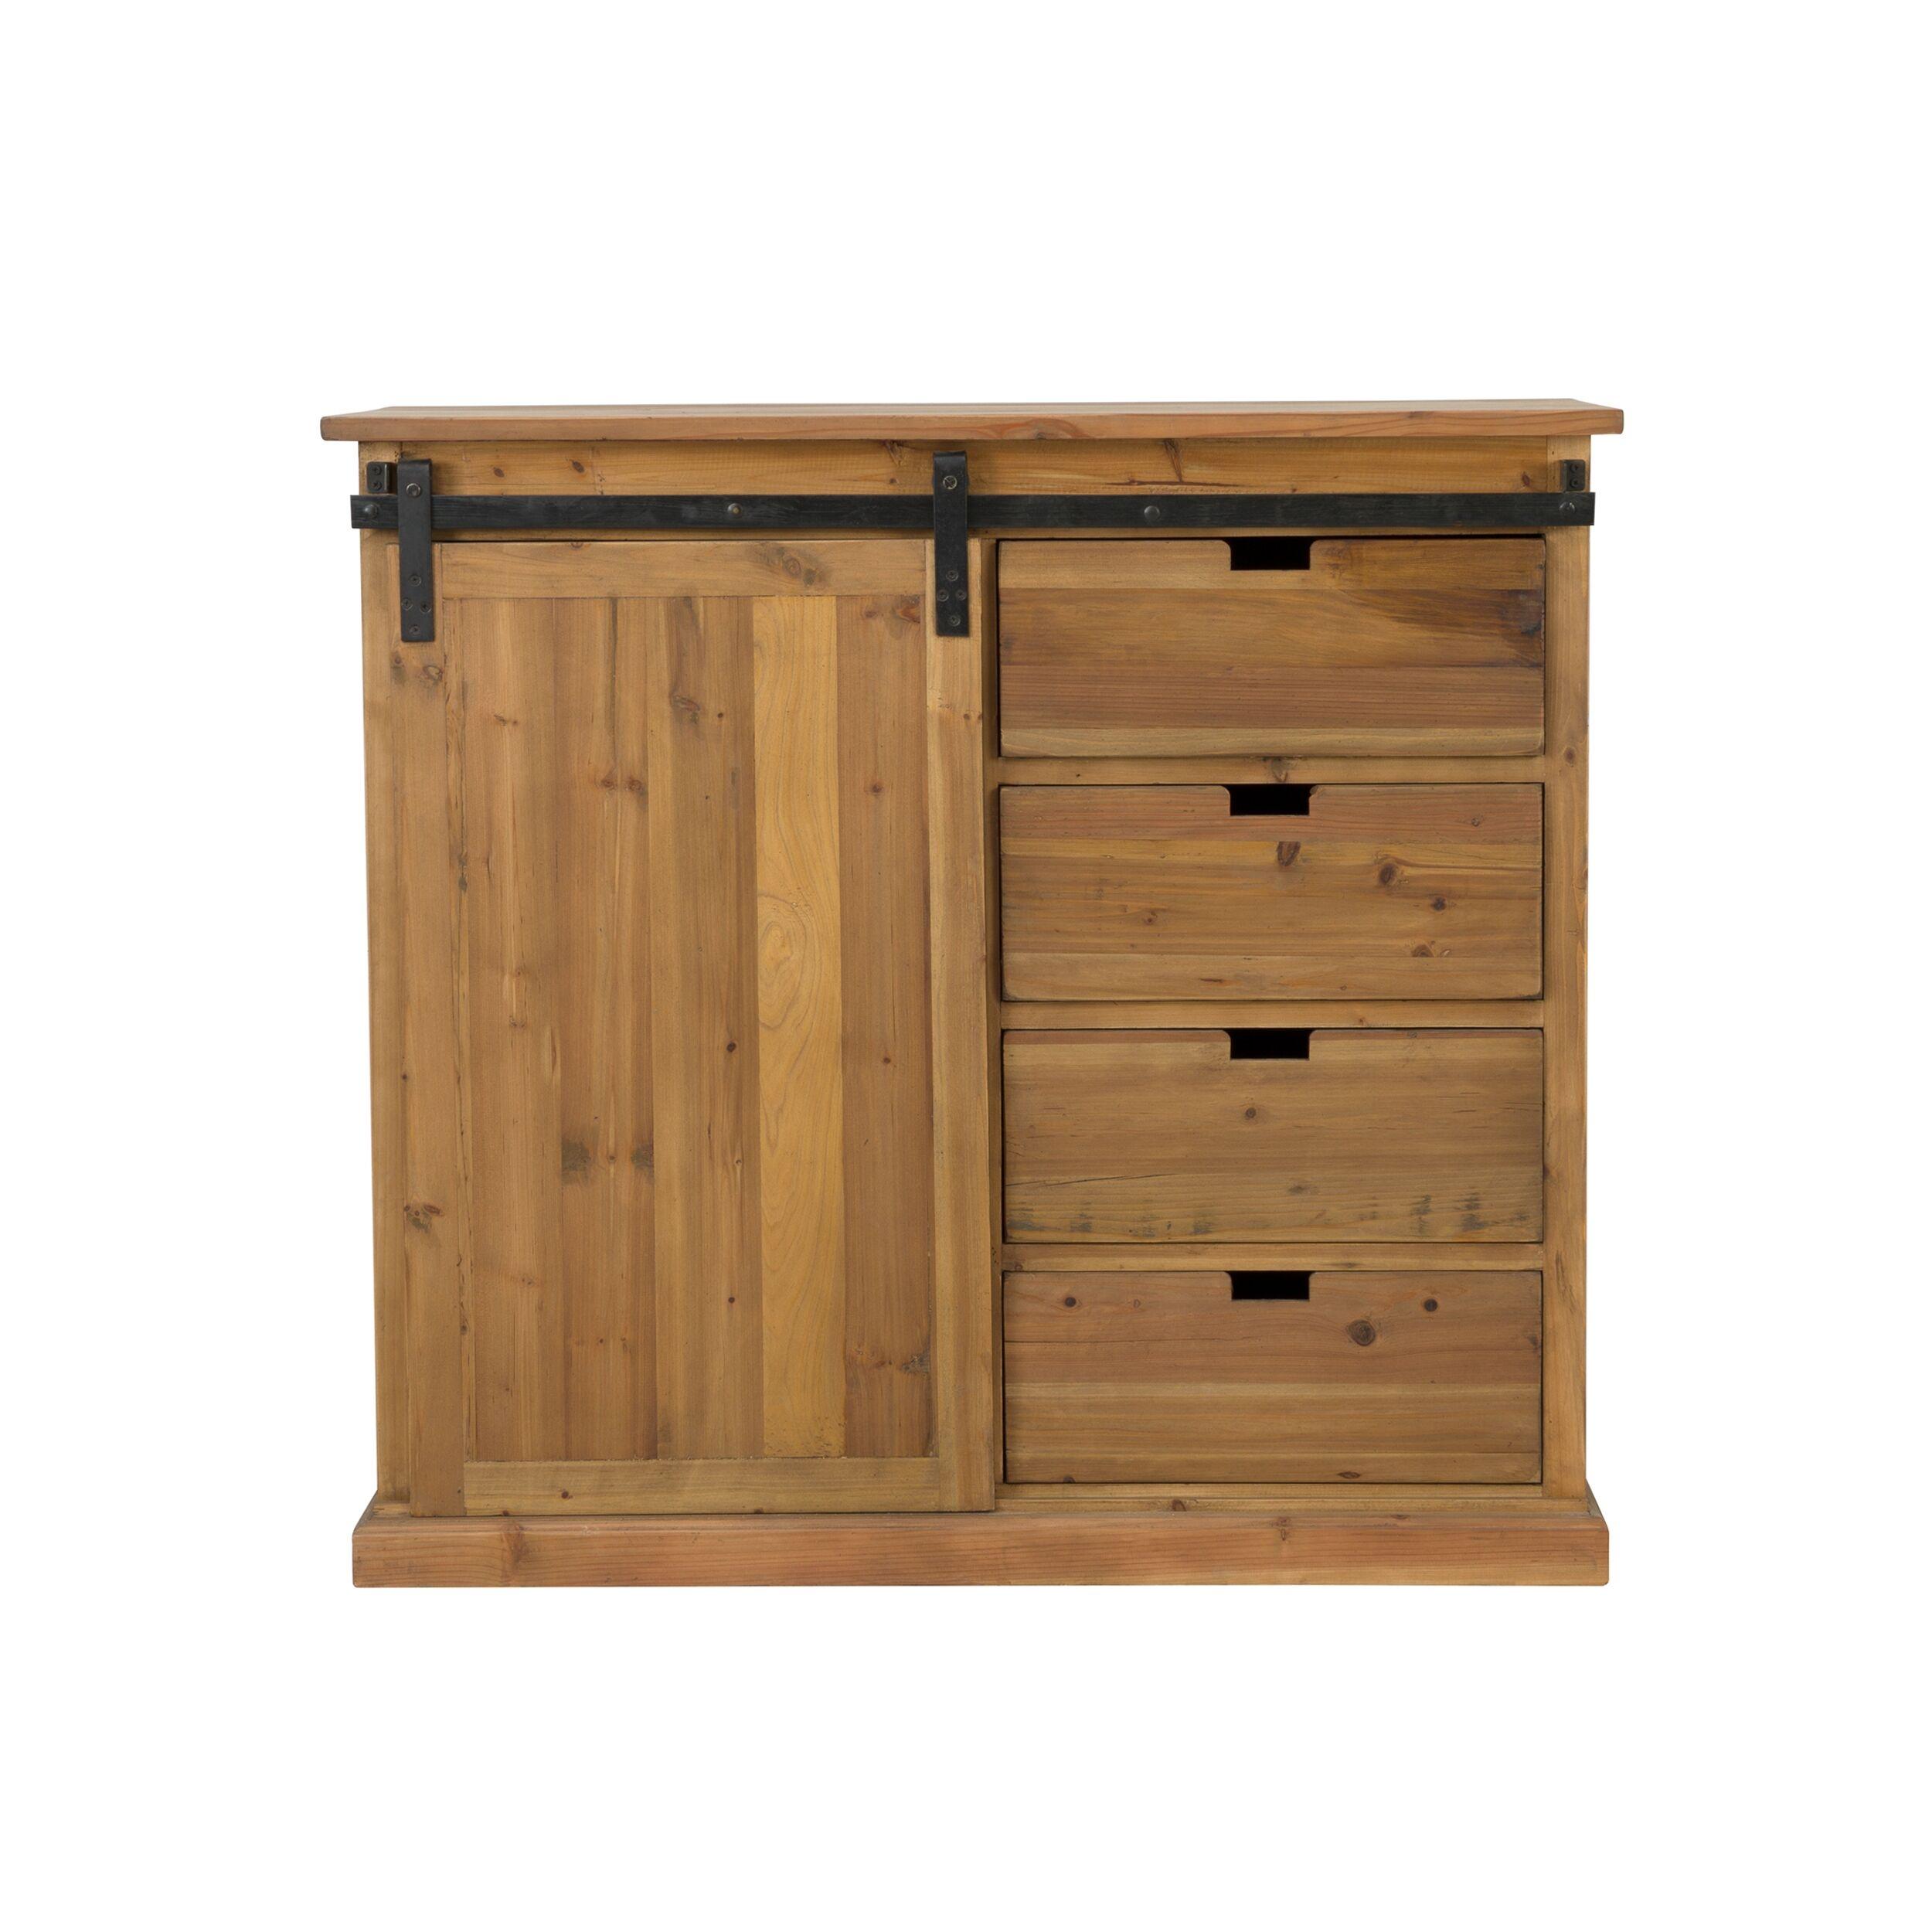 Rendez vous déco Buffet 4 tiroirs 1 porte coulissante en bois de cèdre